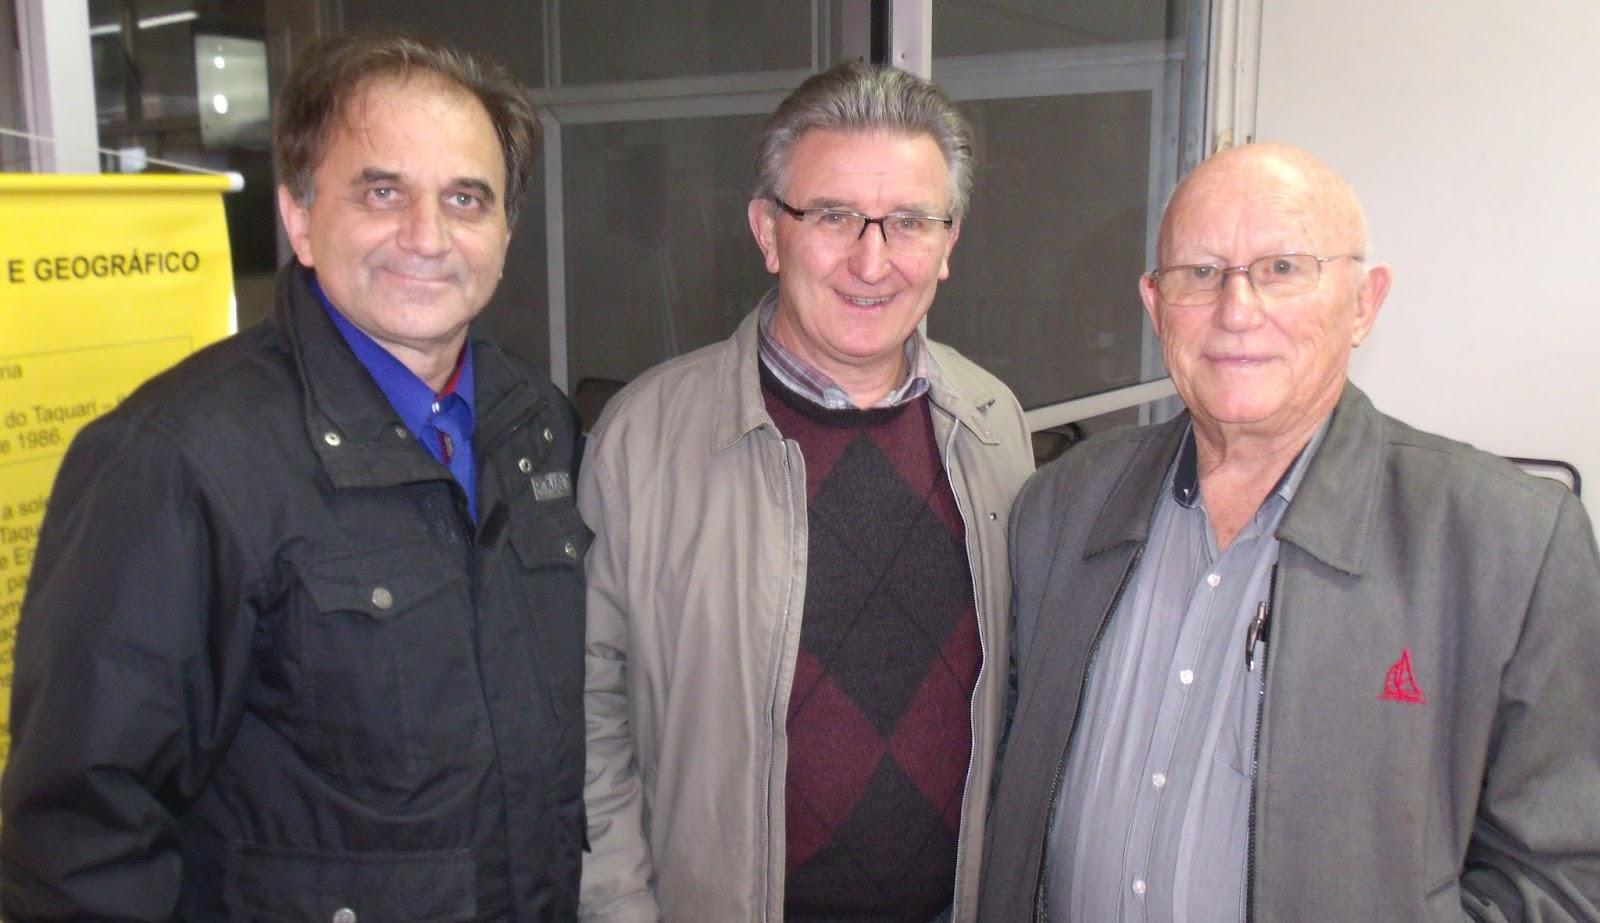 Airton Engster dos Santos, Roque Schwertner e José Alfredo Schierholt